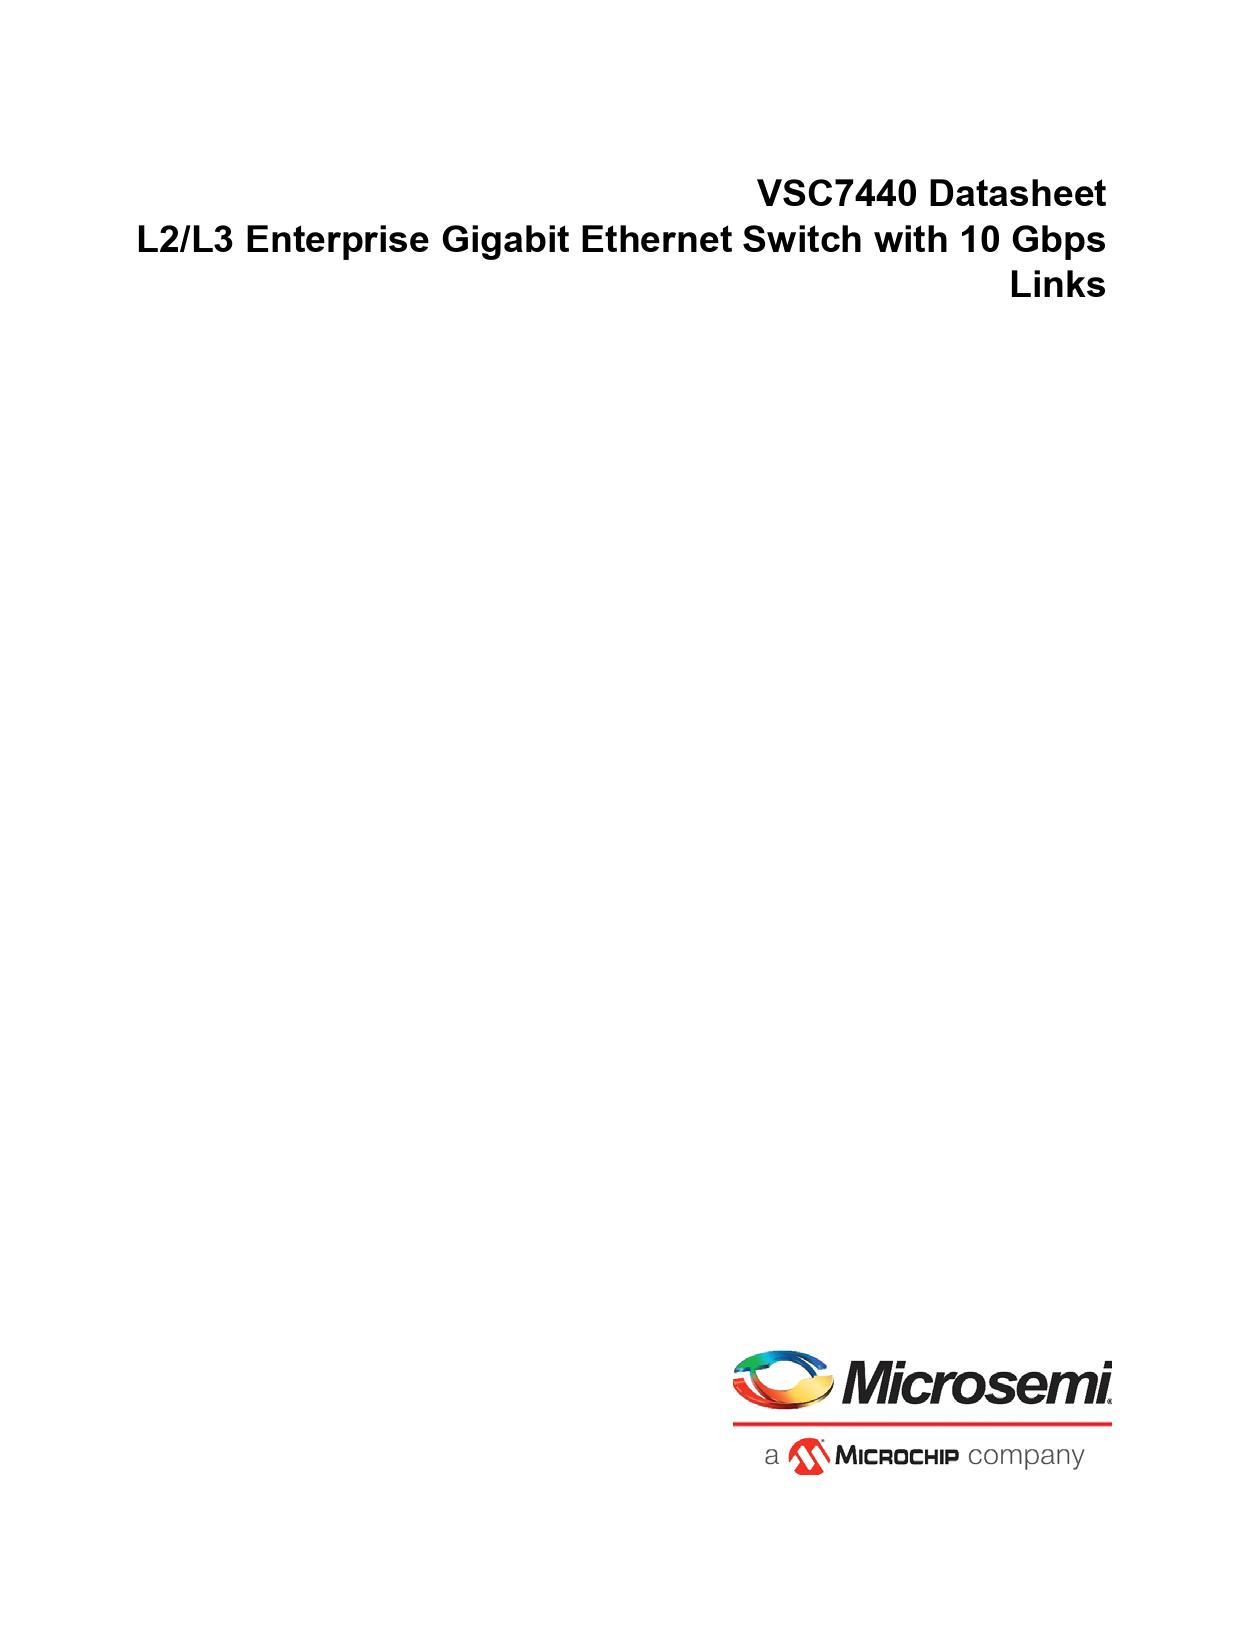 Datasheet VSC7440 Microchip